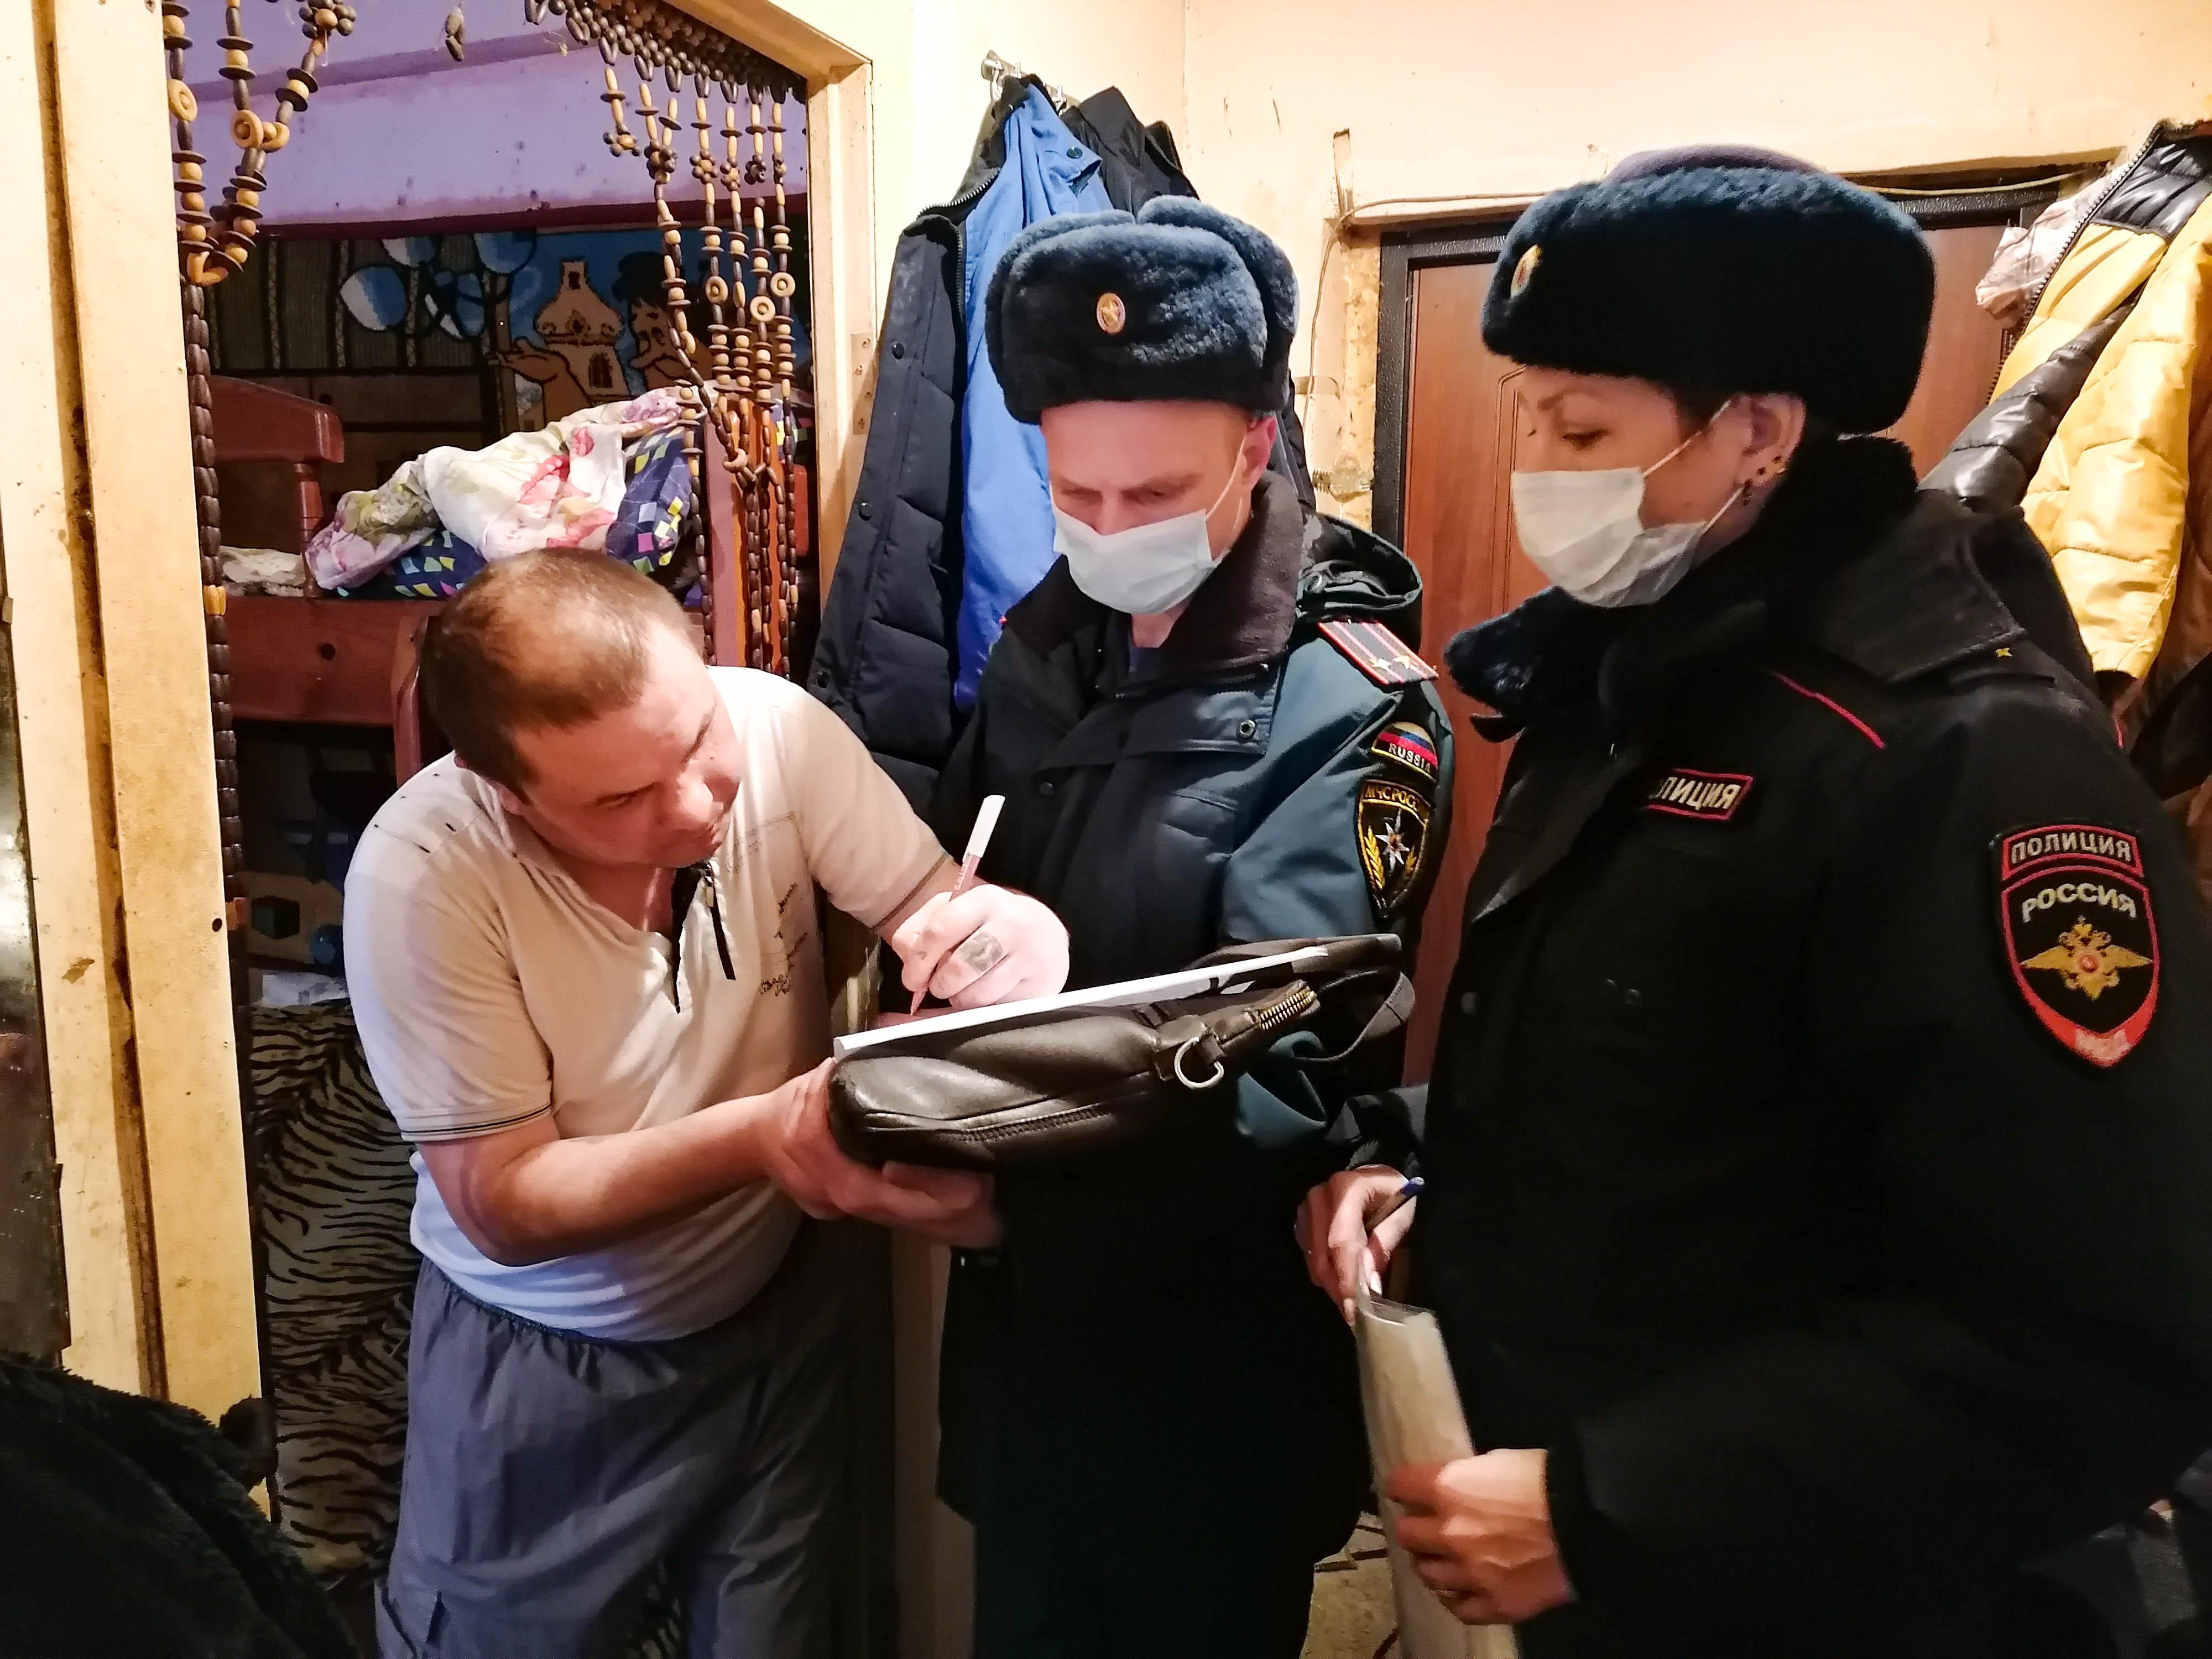 Сотрудники МЧС России посещают многодетные и социально незащищенные семьи Зарайска